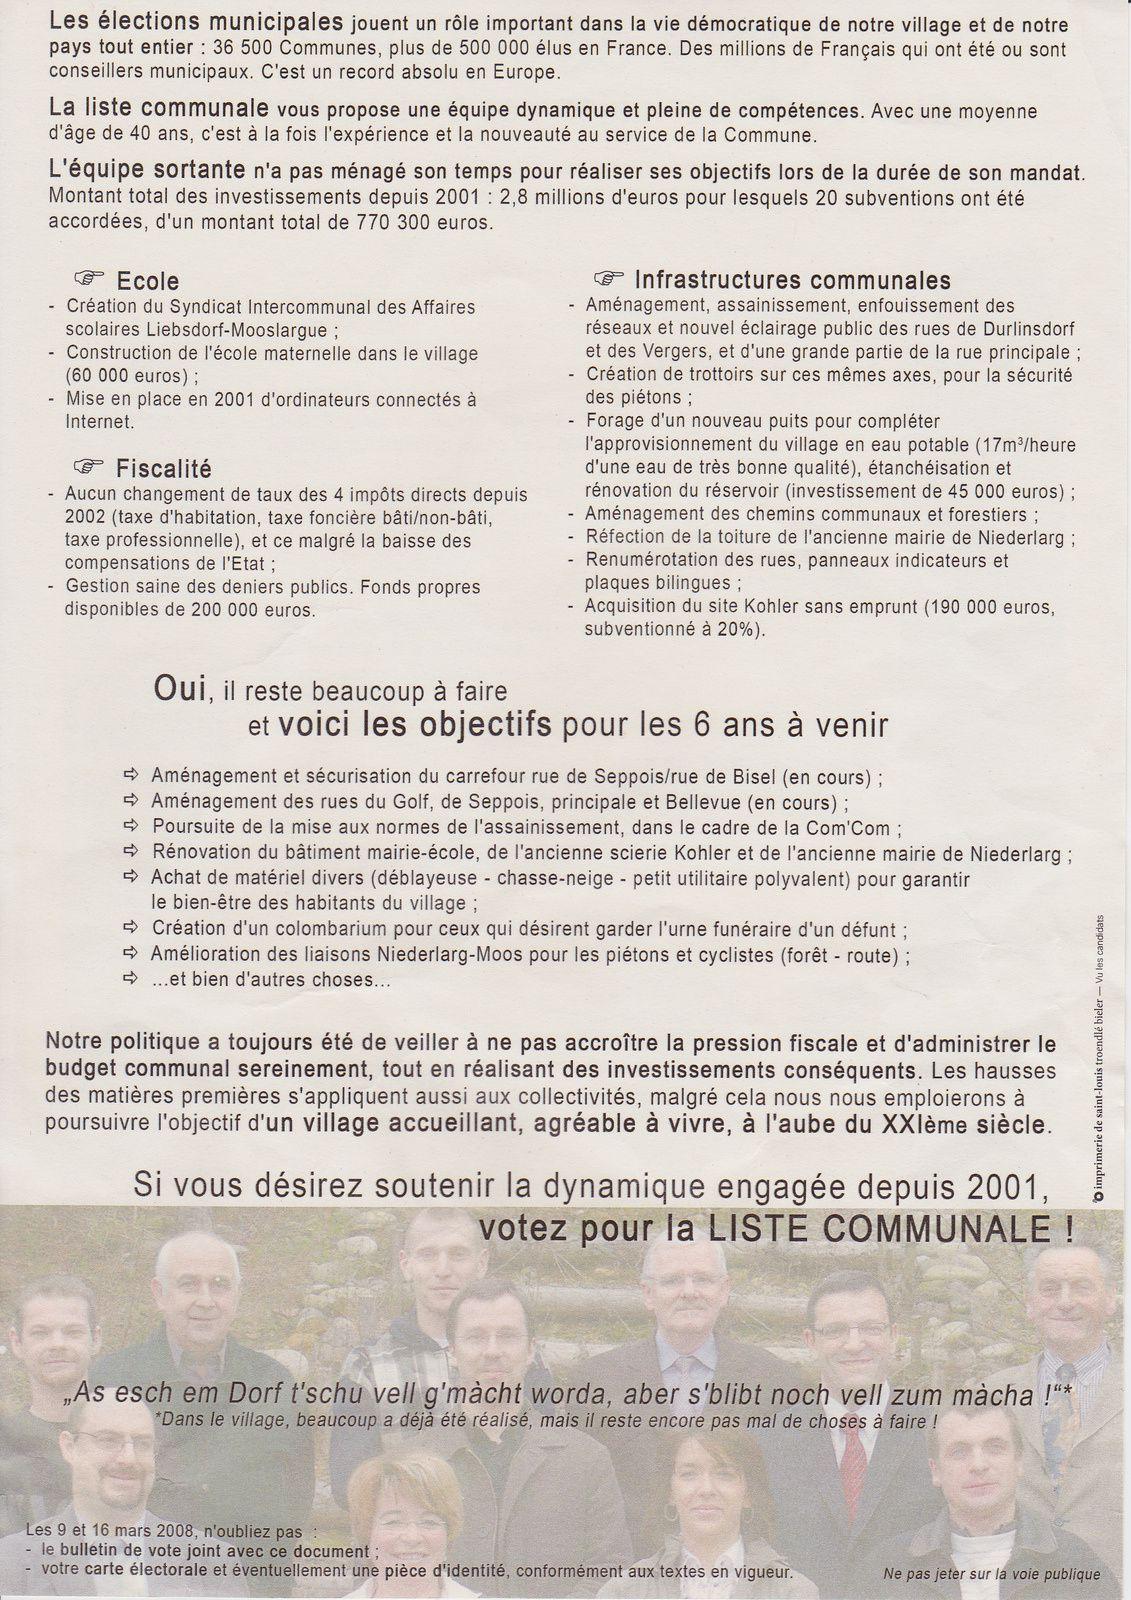 Le programme de la &quot&#x3B;Liste communale&quot&#x3B; de 2008 (élections municipales Mooslargue 2008)